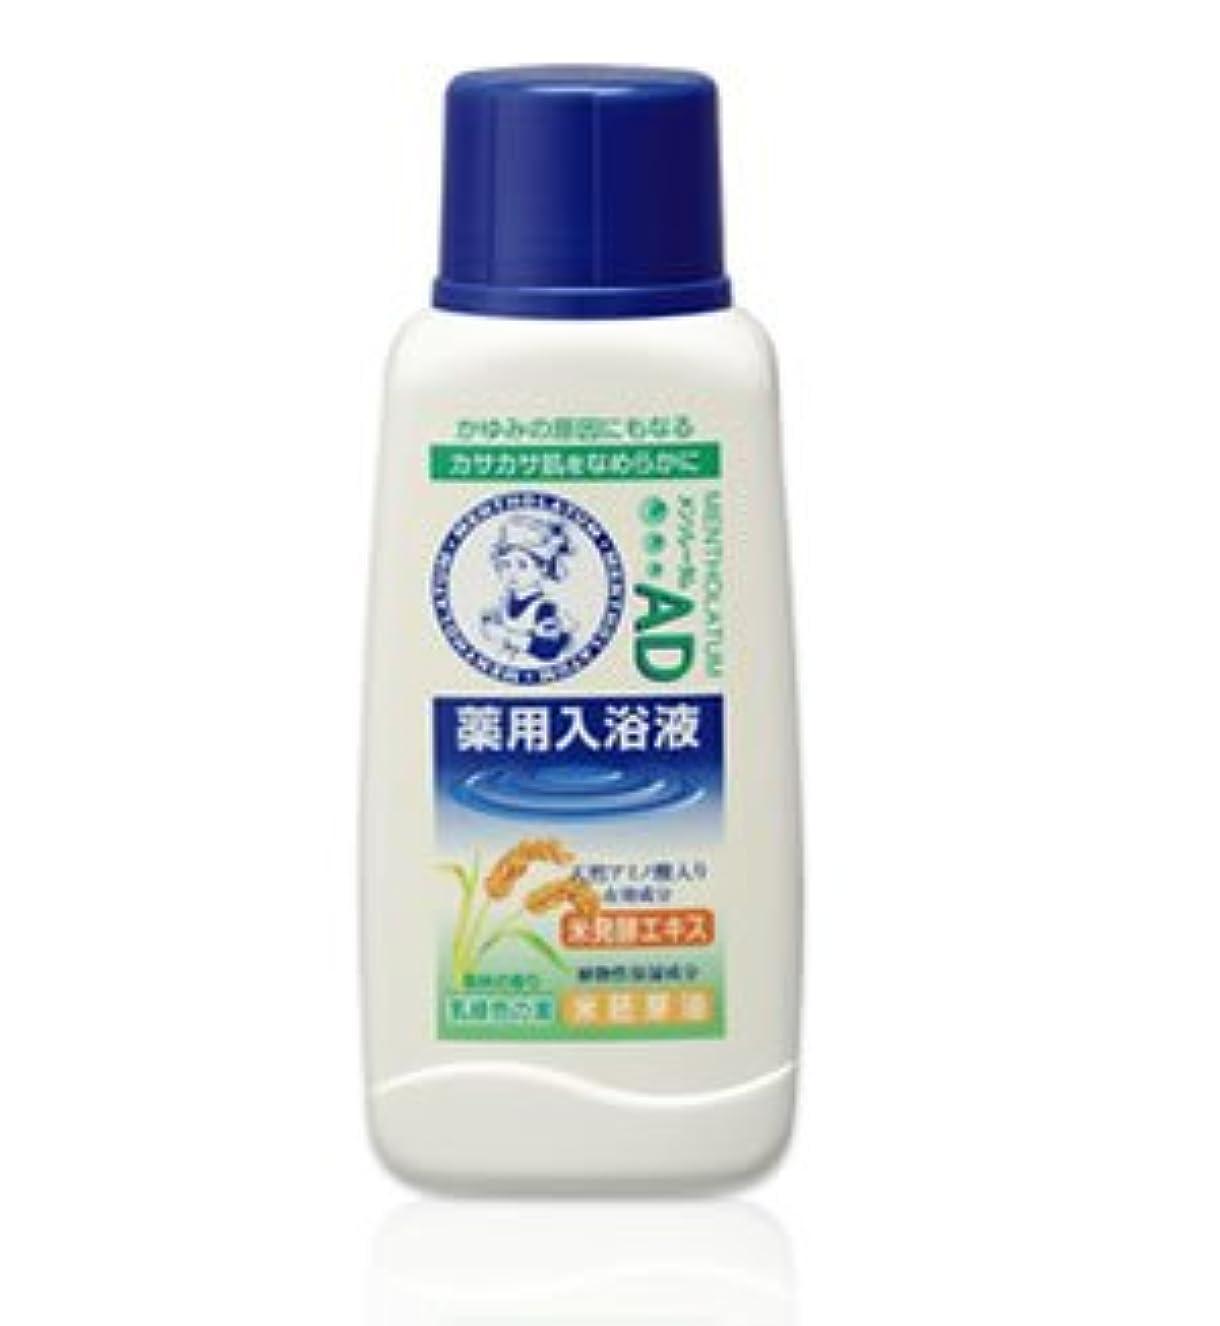 国民改革ハードリング(ロート)メンソレータム AD薬用入浴剤 森林の香り720ml(医薬部外品)